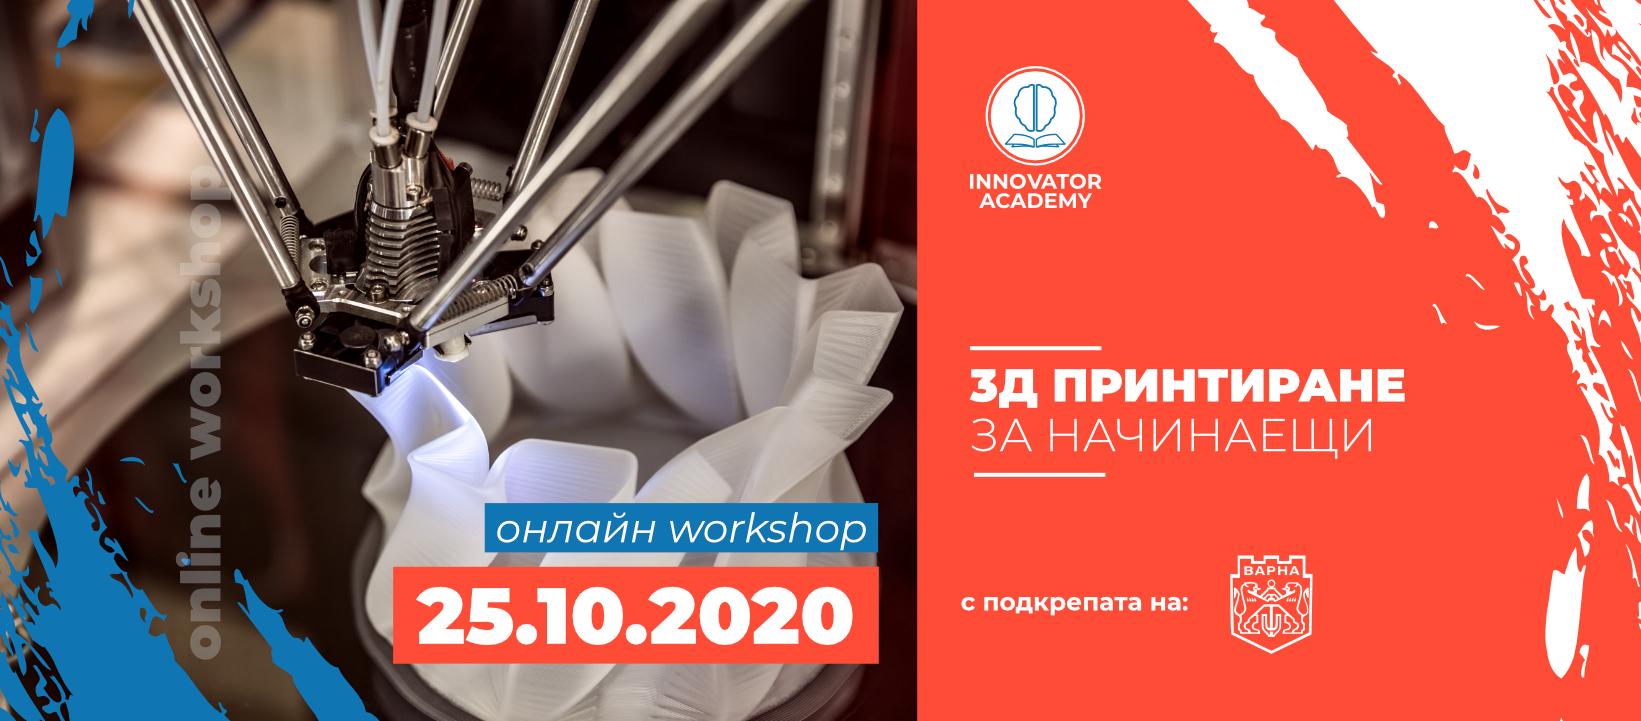 3D принтиране за начинаещи | Workshop 3 | Innovator Coworking Space